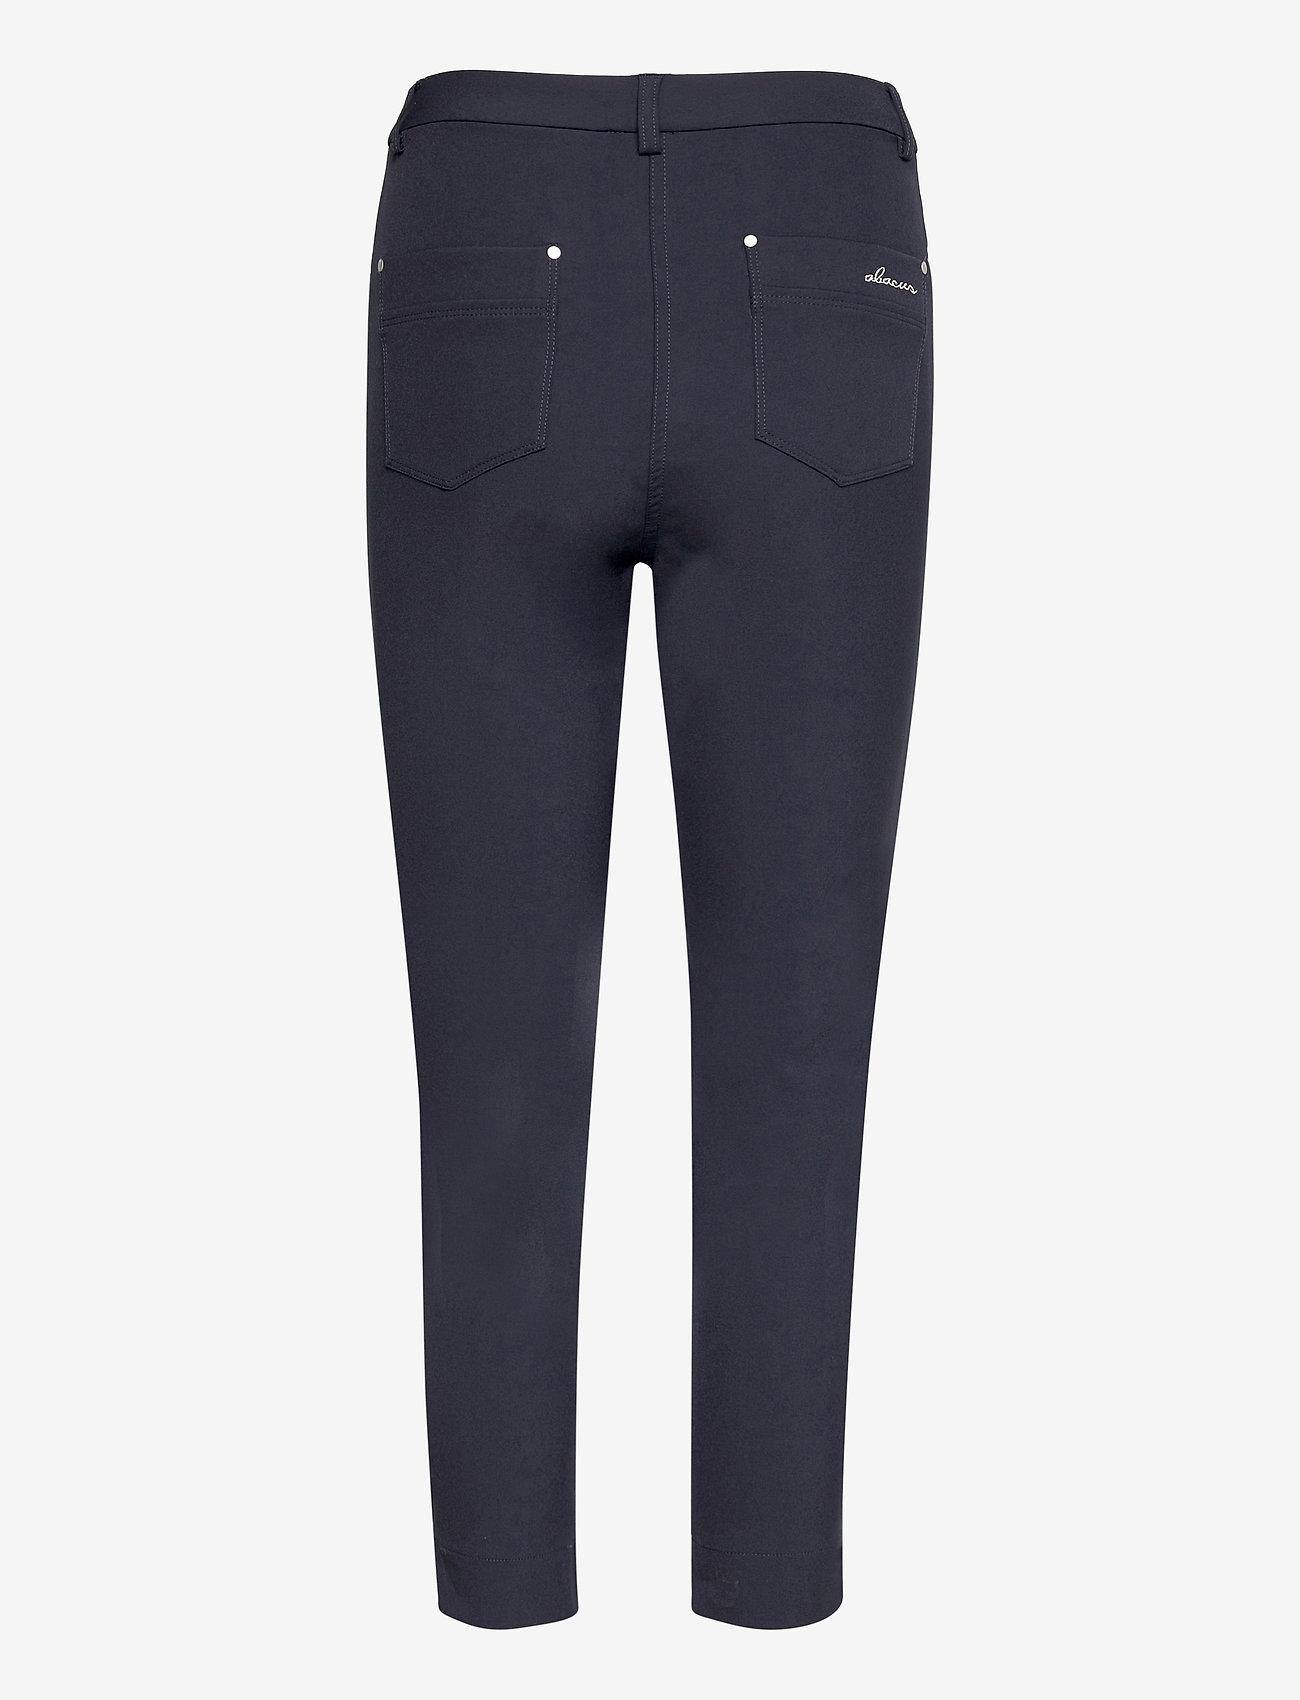 Abacus - Lds Grace high waist 7/8 trousers 92cm - golfbroeken - navy - 1